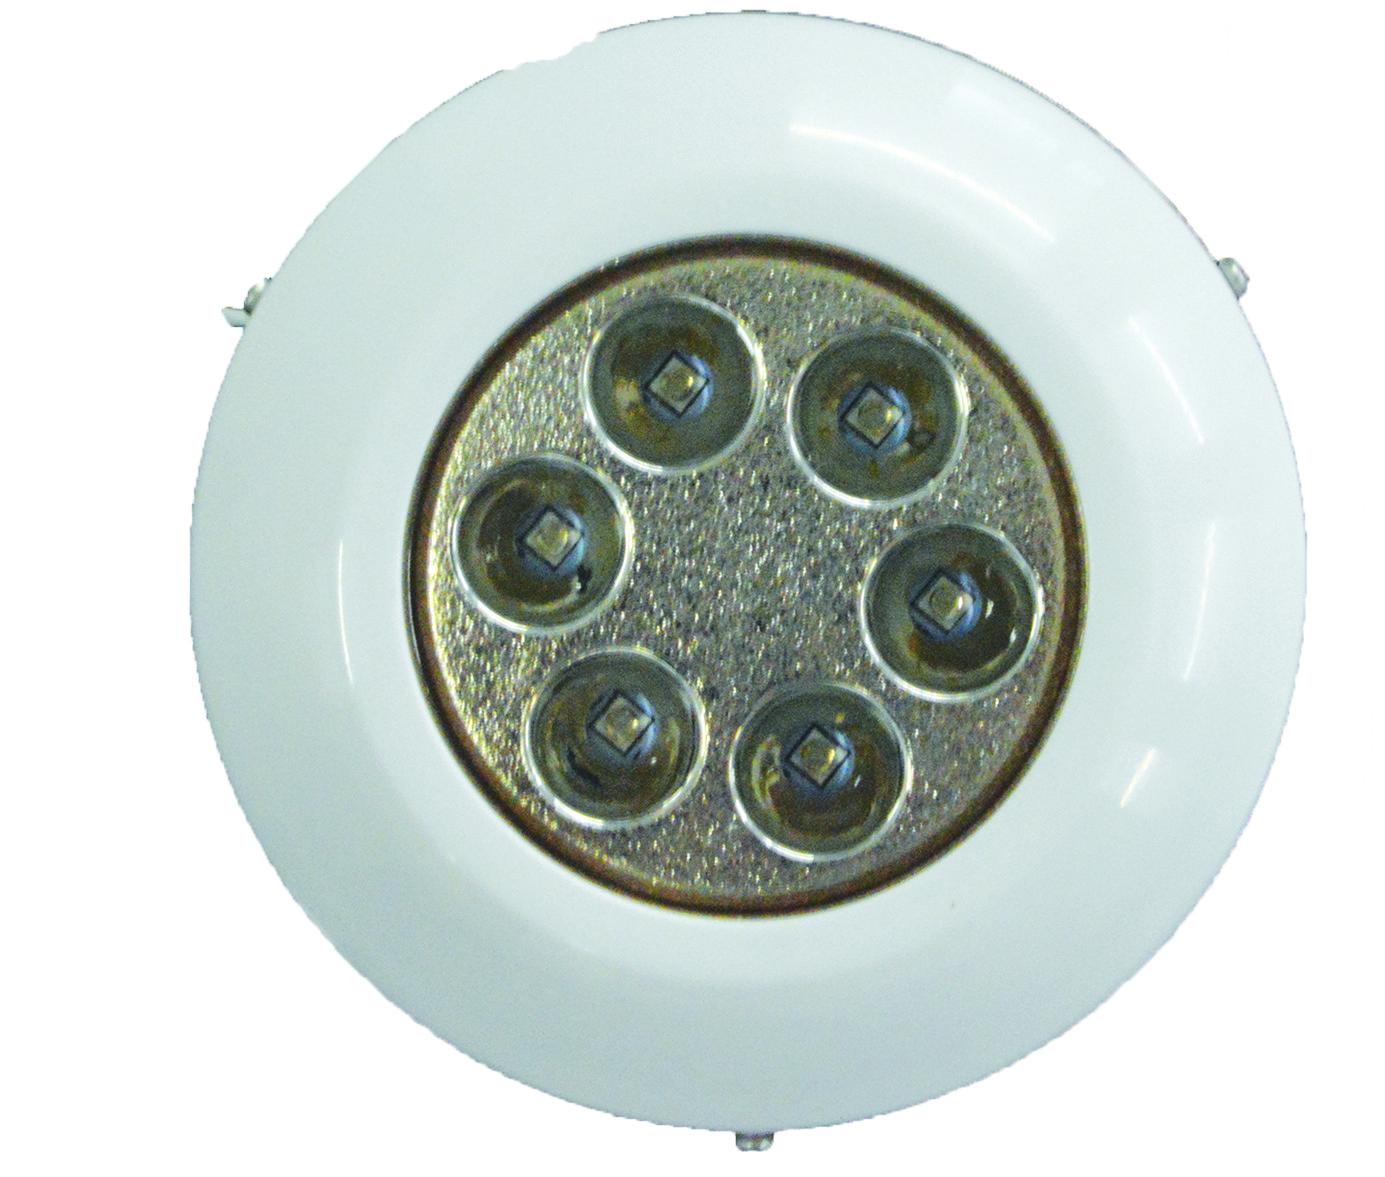 54.9 - Φως Υποβρύχιο LED 561 Lumen Ø 92xThickness22mm